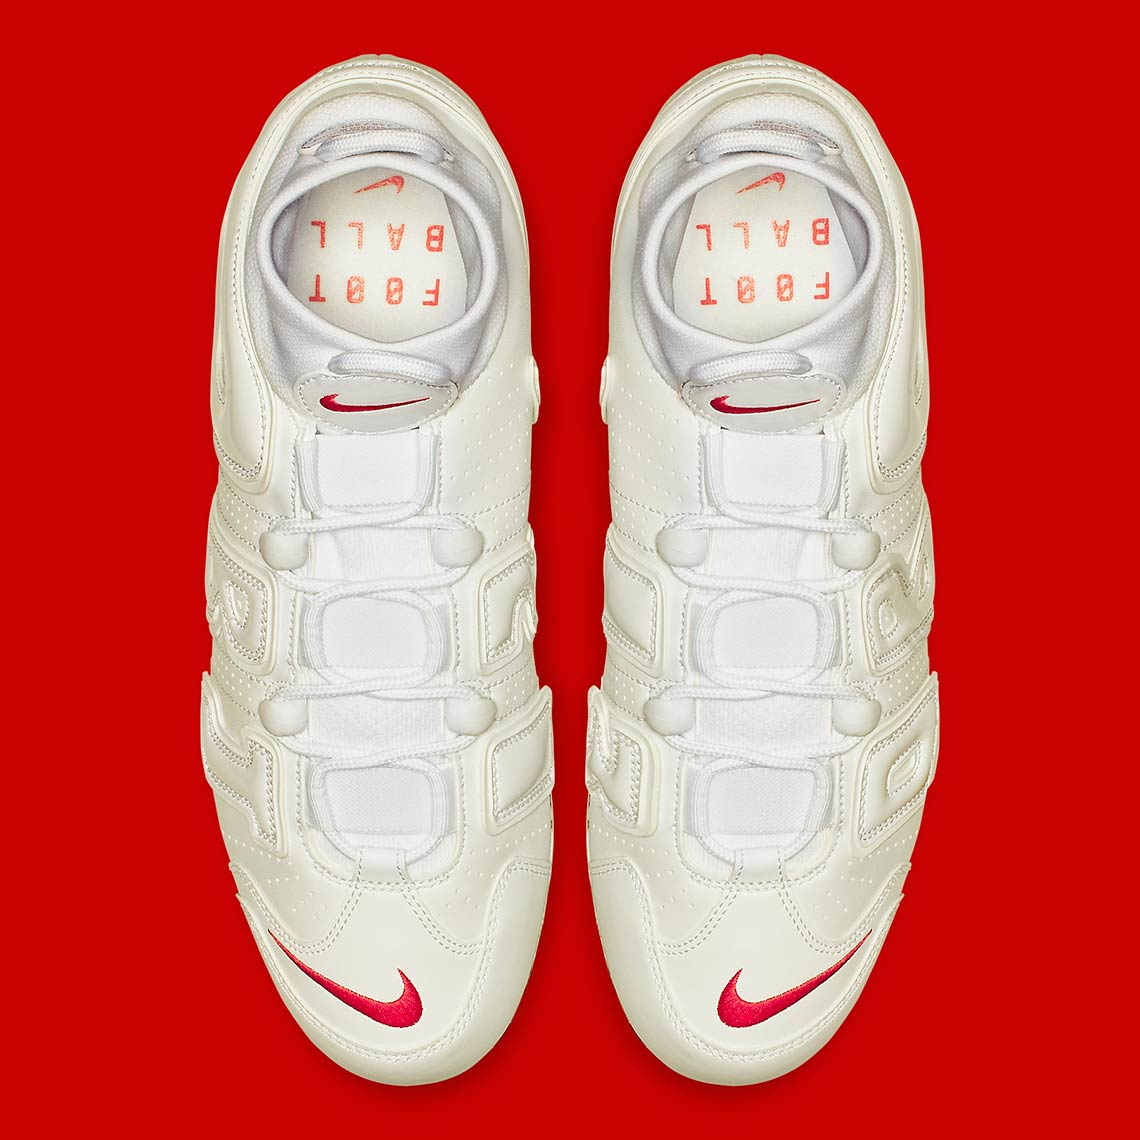 d8f5b0dc1e4c05 Nike Vapor Untouchable Shark 3 OBJ (GS)  48. Color  White White Crimson